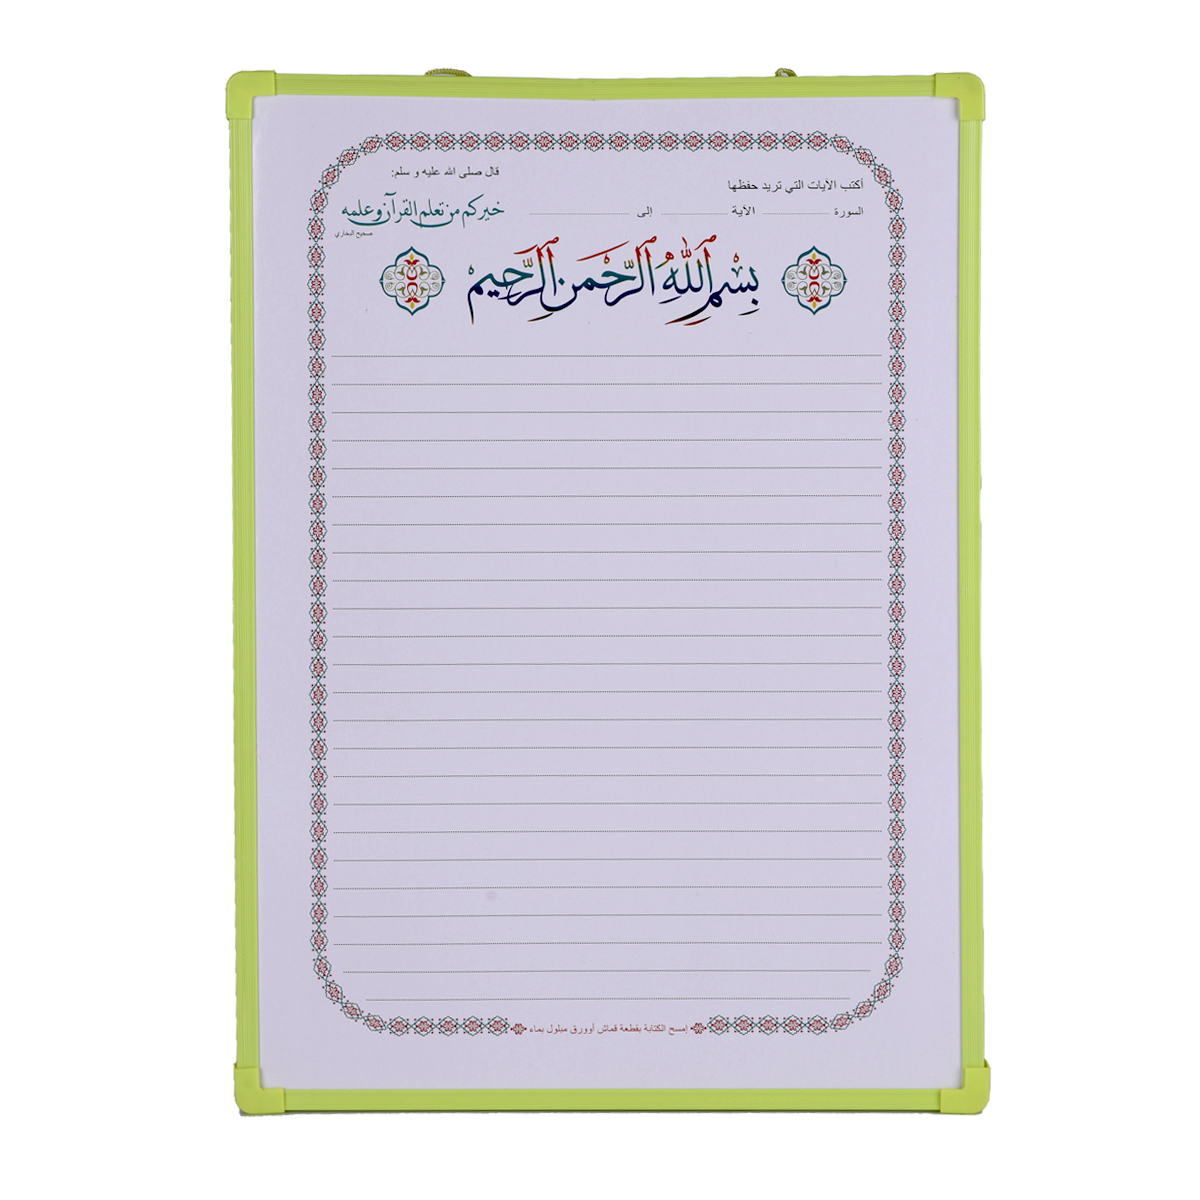 سبورة اطفال مسطره مع قلم سبورة YM-17754